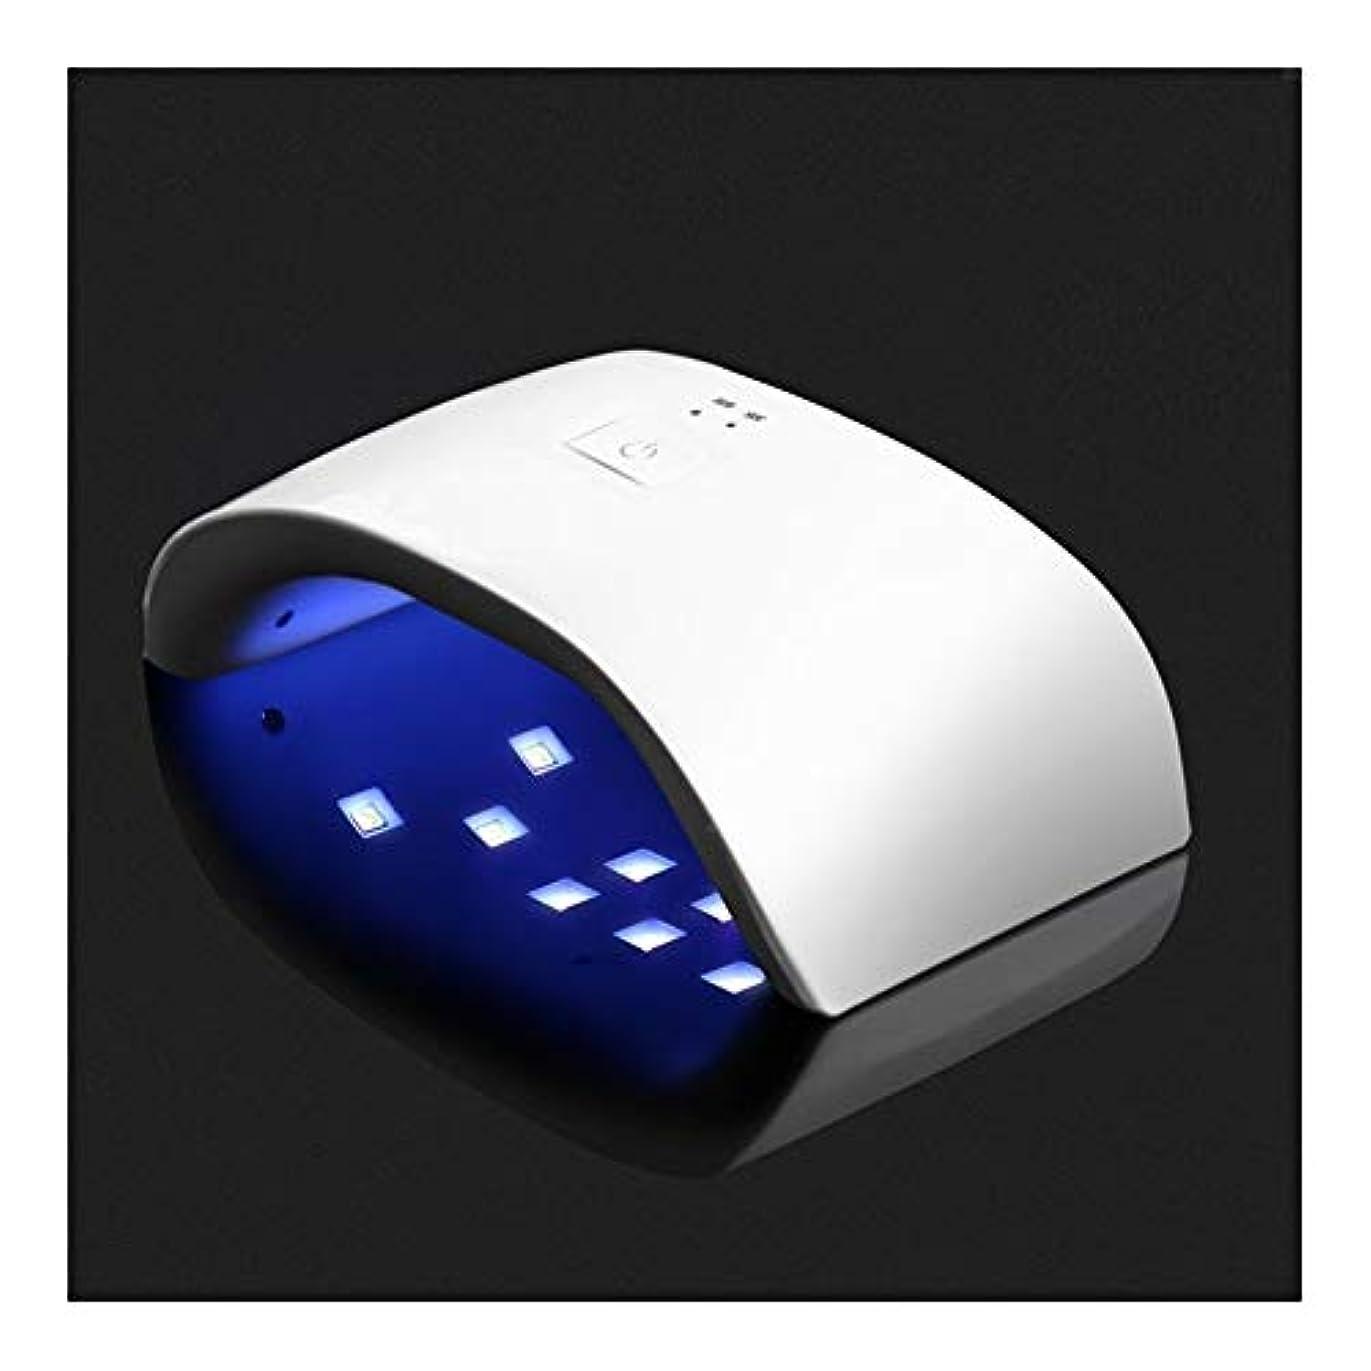 愛する敬礼出口LittleCat 36WネイルUV誘導機ドライヤースマート主導ネイルポリッシュプラスチックヒートランプライト処理ツール (色 : White)